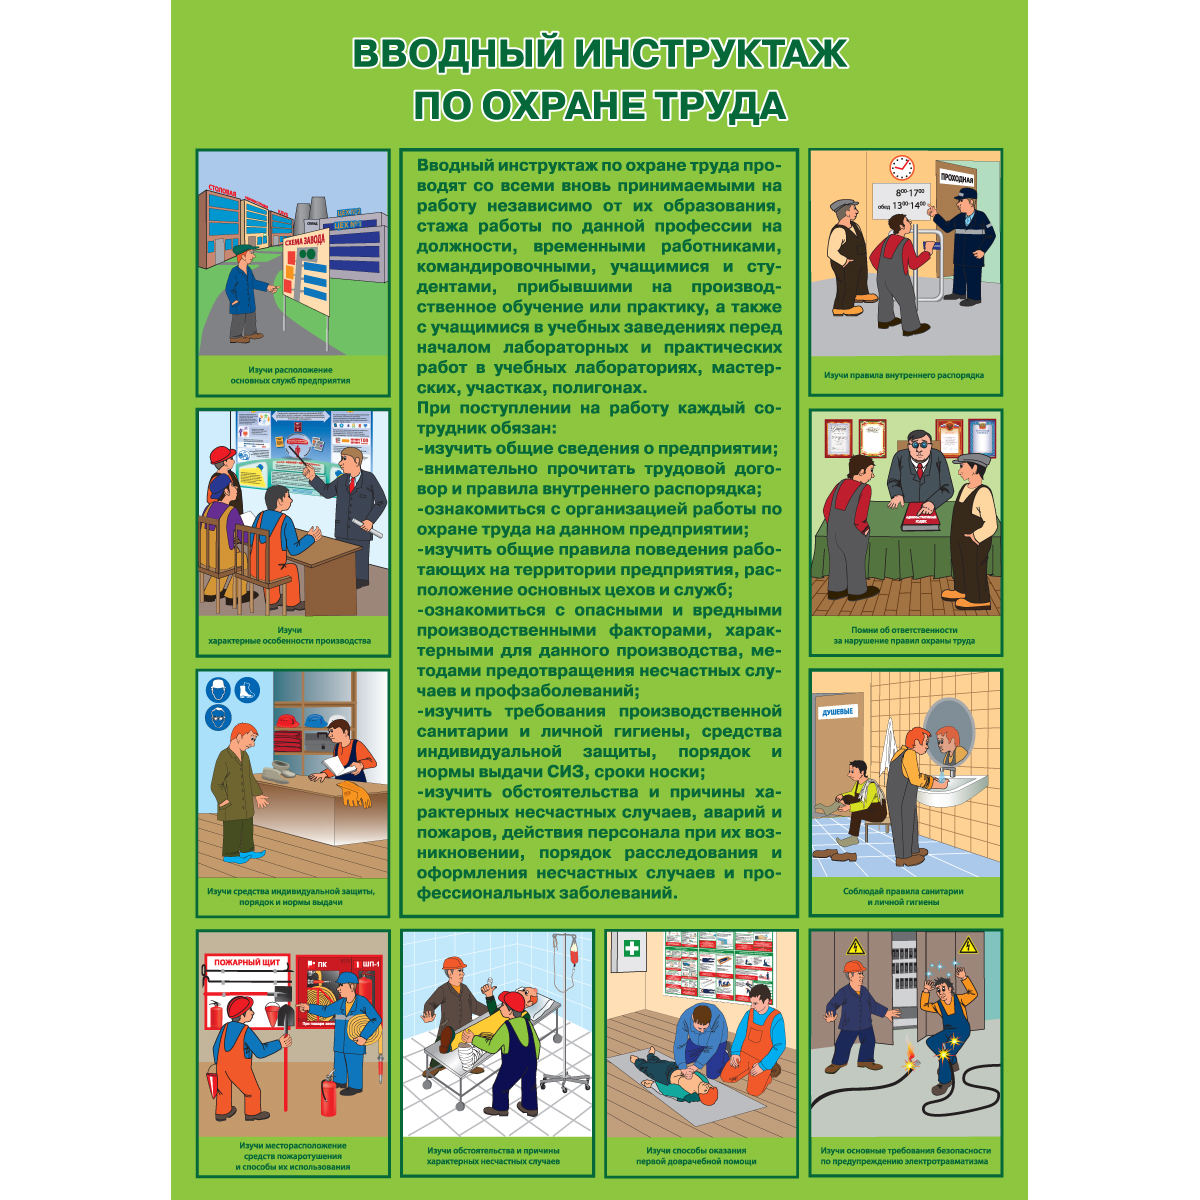 programma-ot-rozhdeniya-do-shkoli-2014-god-skachat-v-word